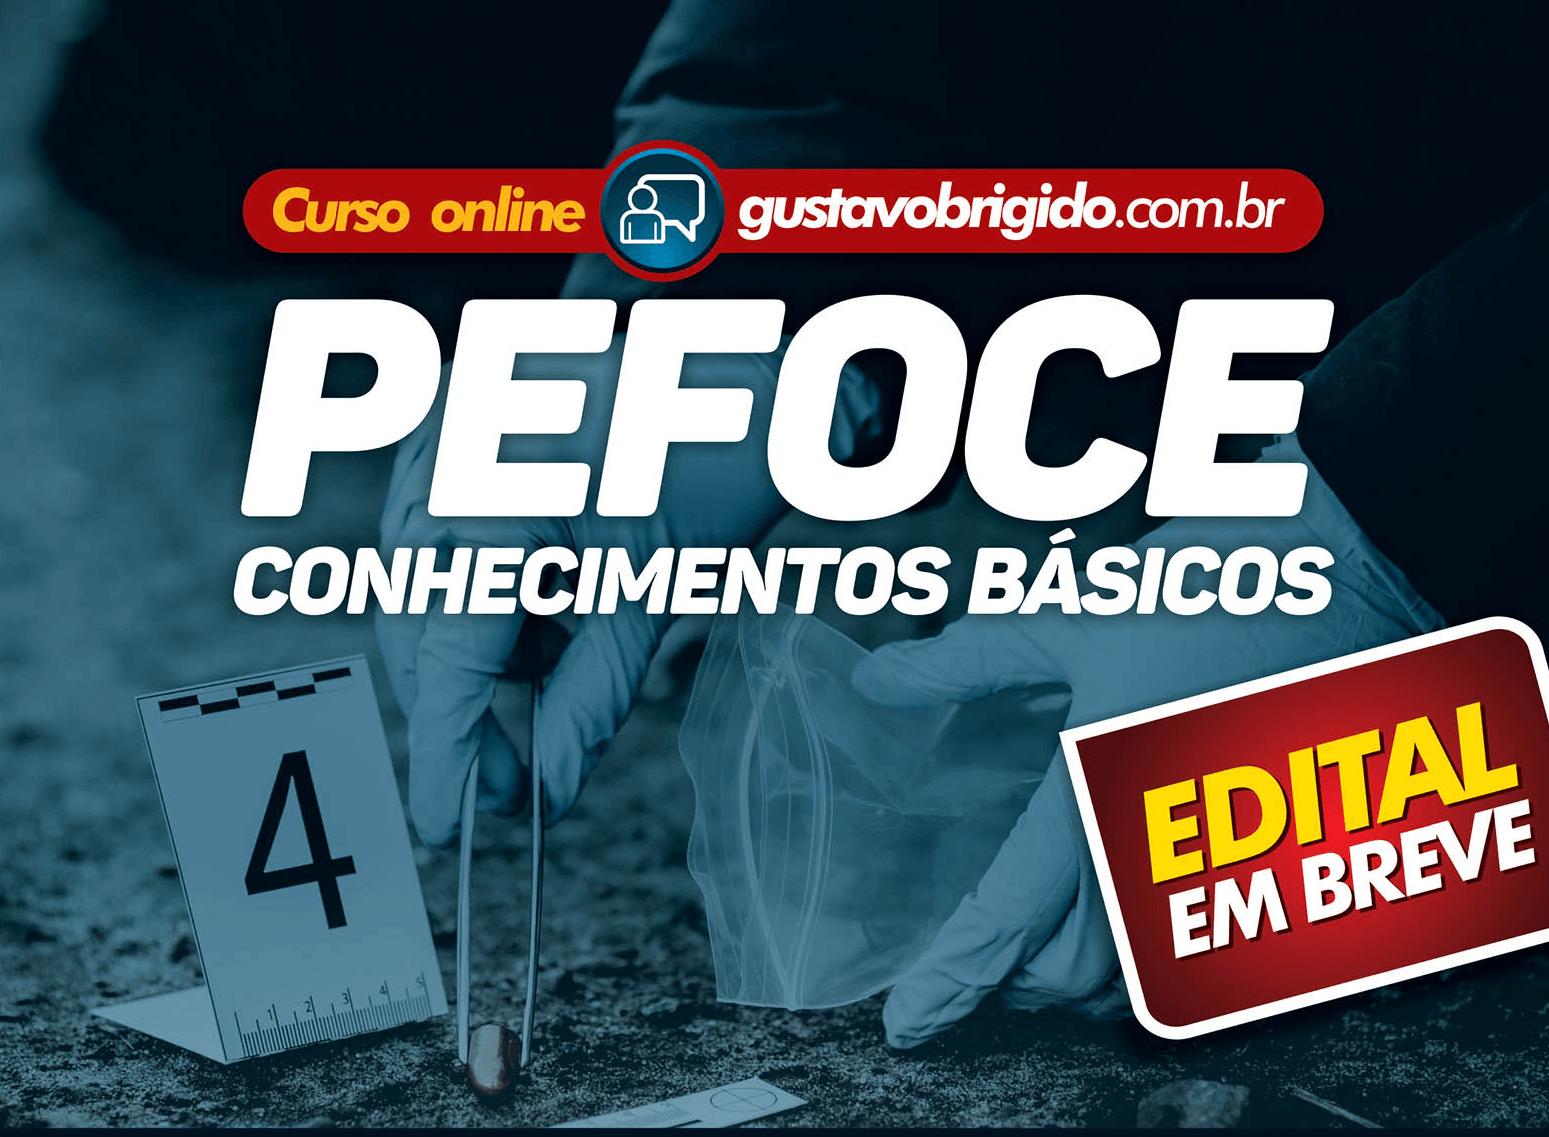 PEFOCE - CURSO COMPLETO PARA A PERÍCIA FORENSE DO CEARÁ